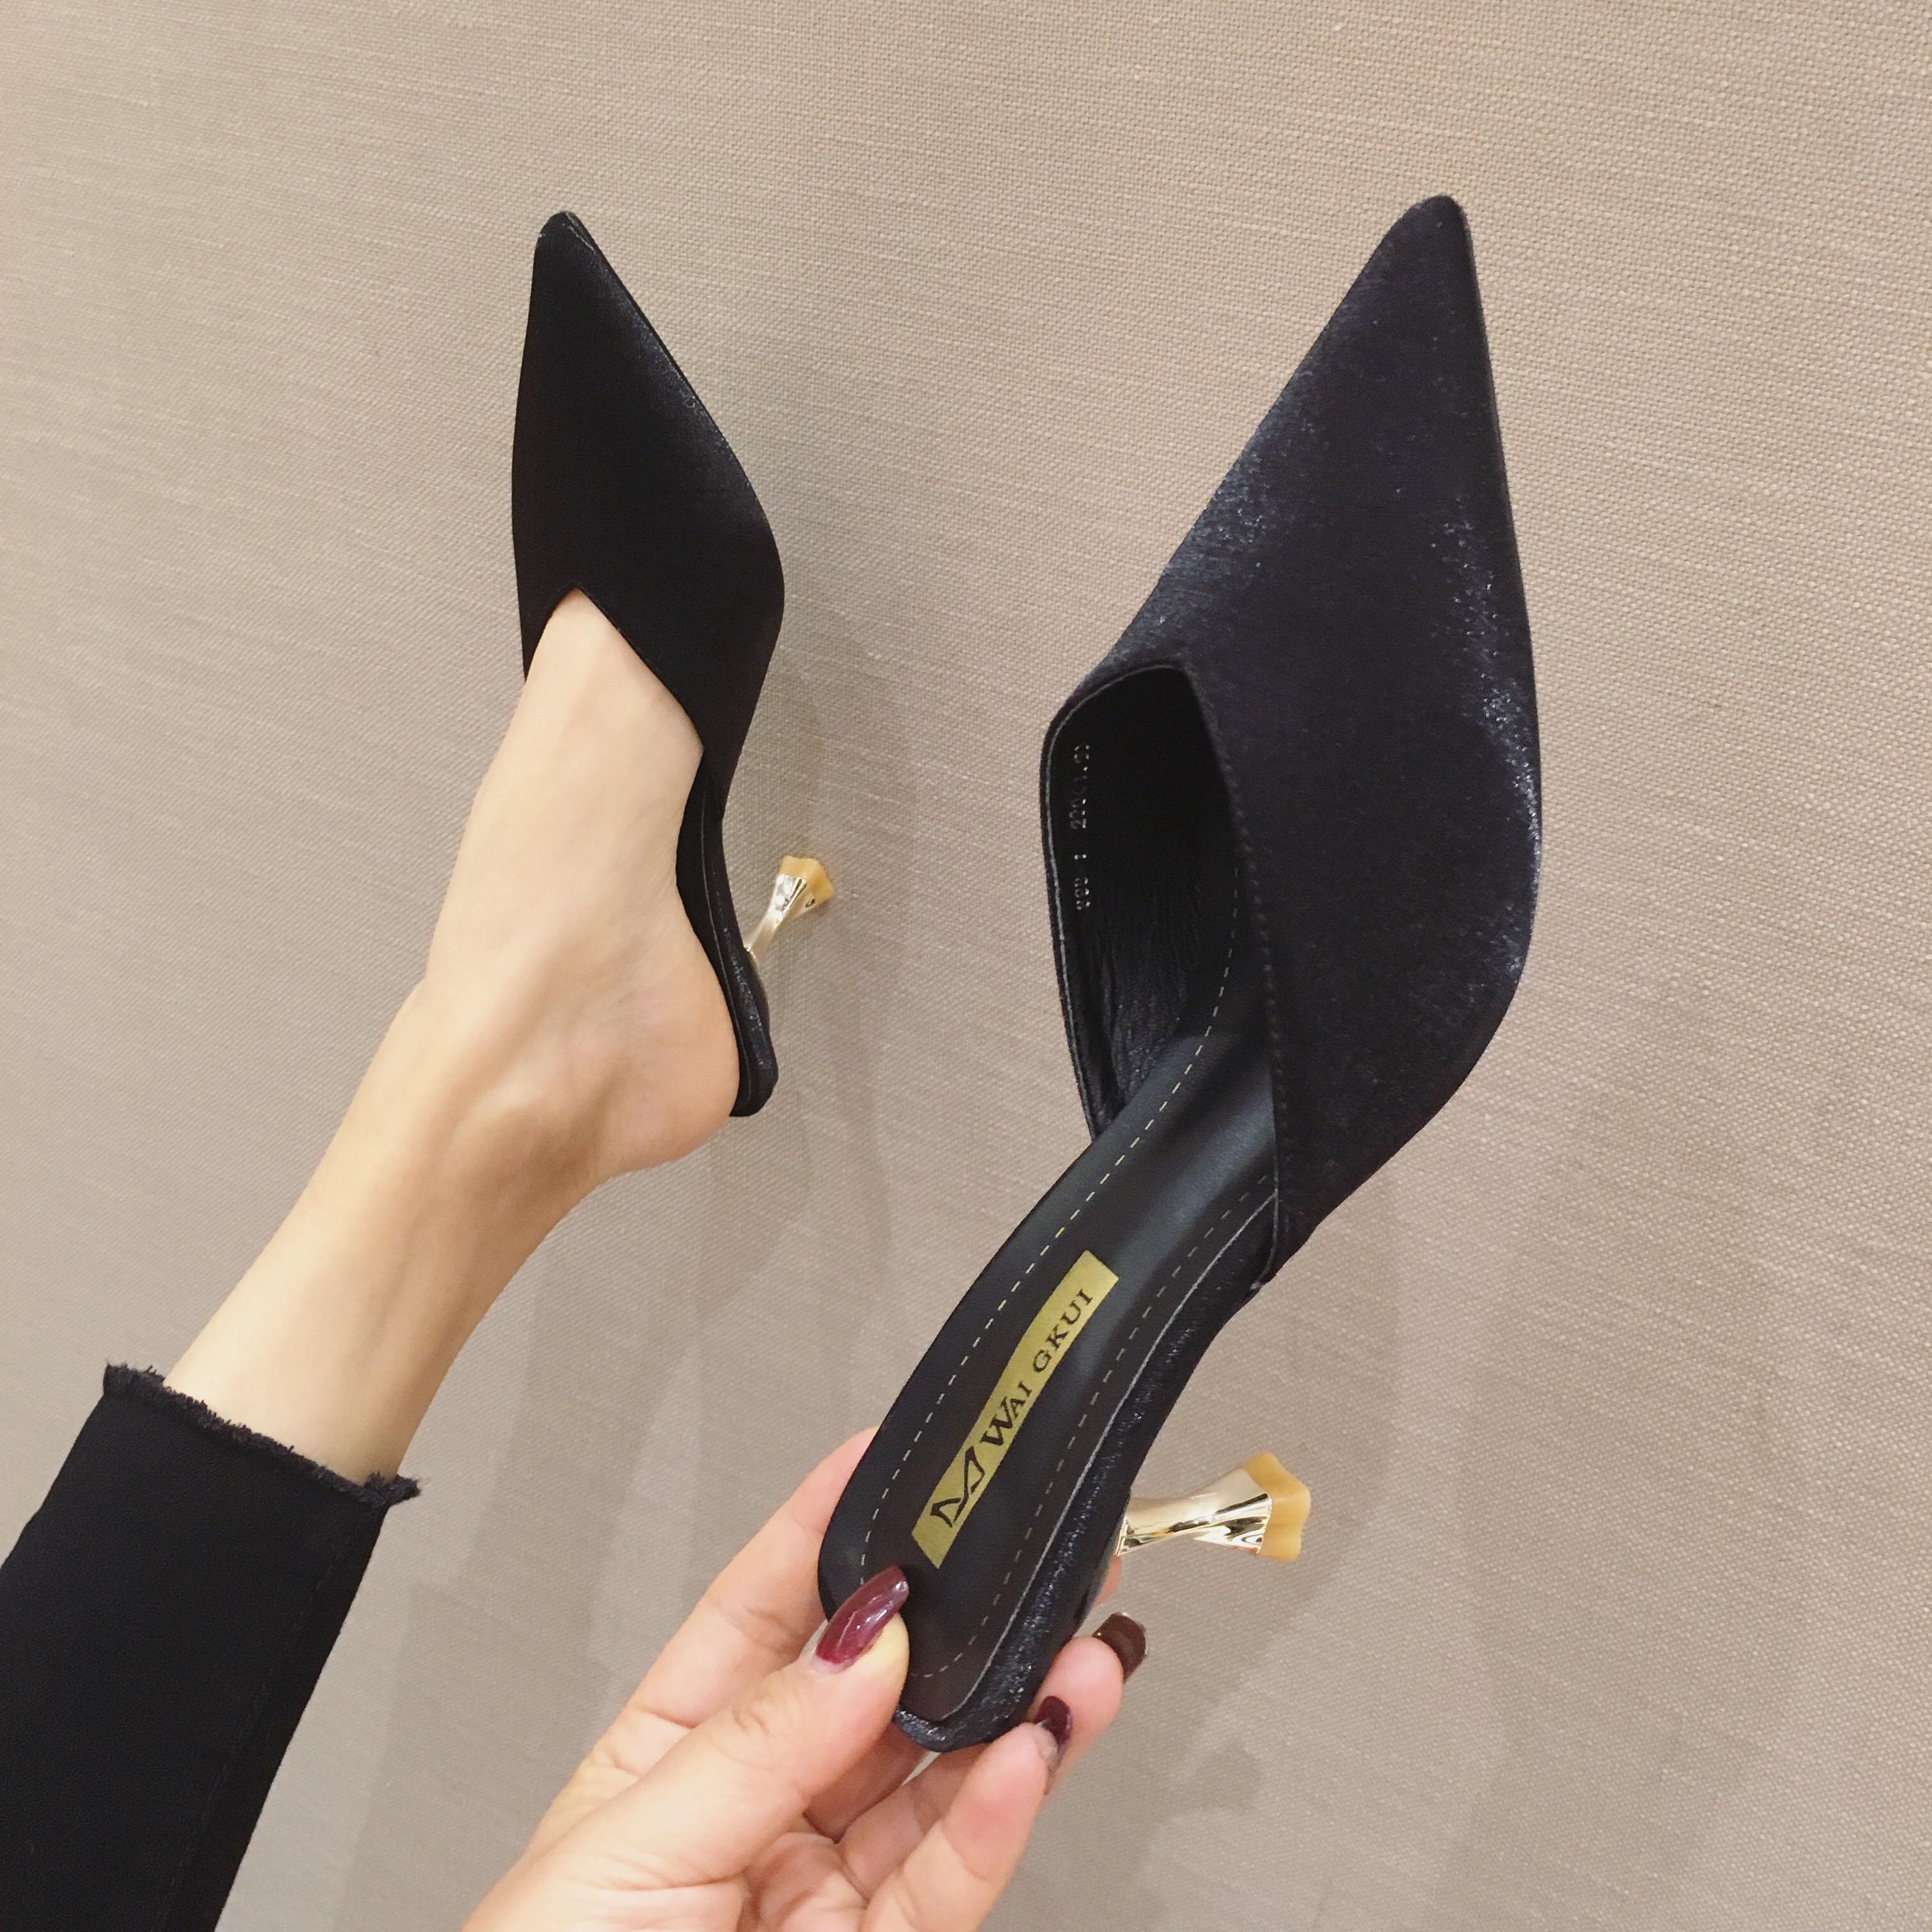 尖头鞋 包头半拖鞋女外穿女鞋2020新款韩版百搭试衣鞋尖头细跟高跟鞋凉拖_推荐淘宝好看的女尖头鞋